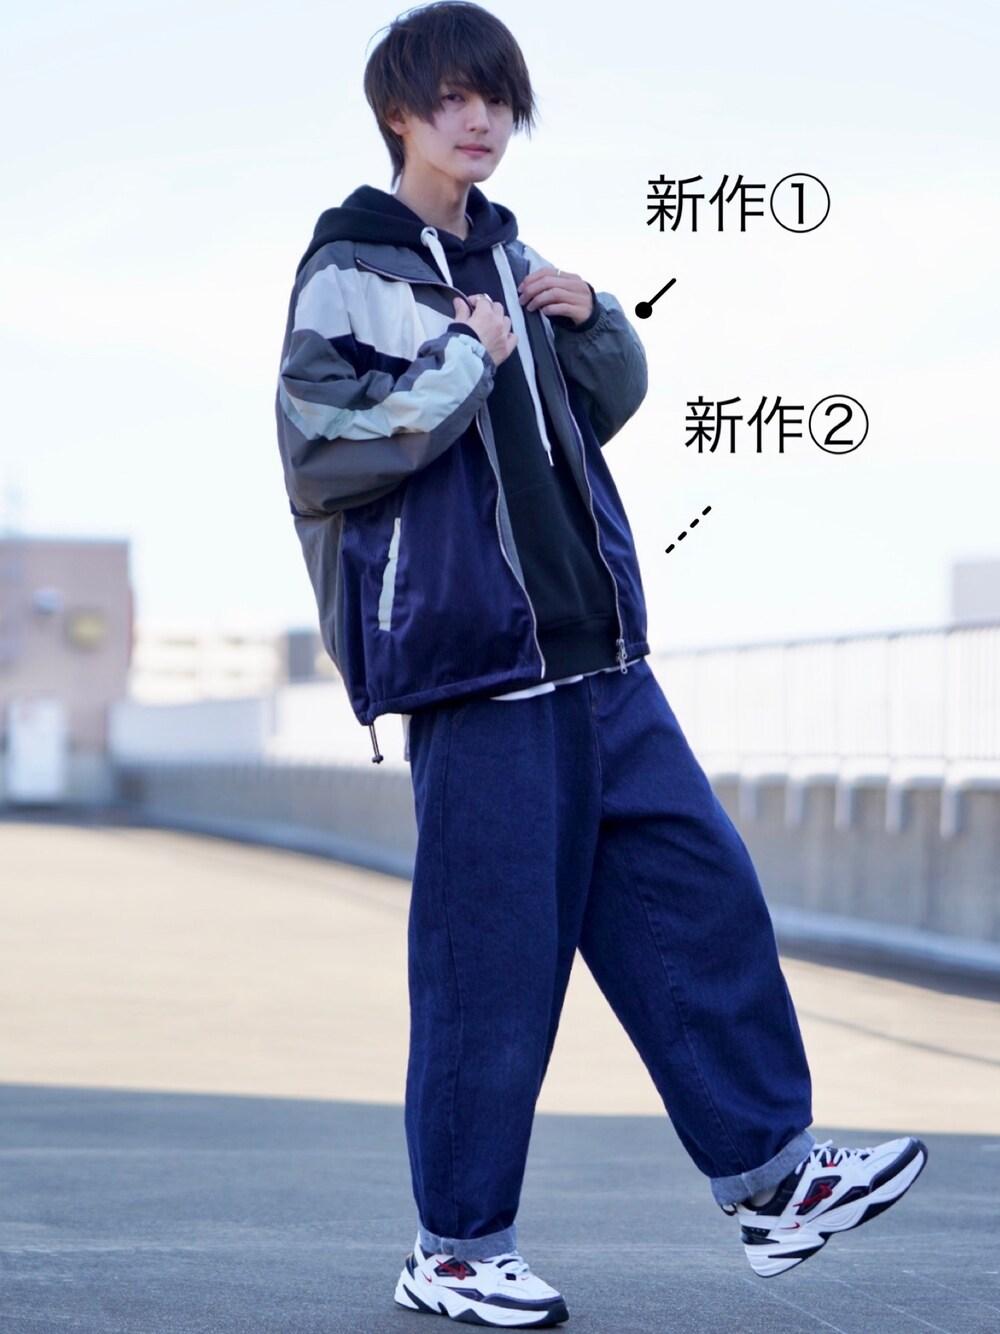 ヨーカドー ビルド 流行ファッション ビックサイズ感 おっさんに関連した画像-05